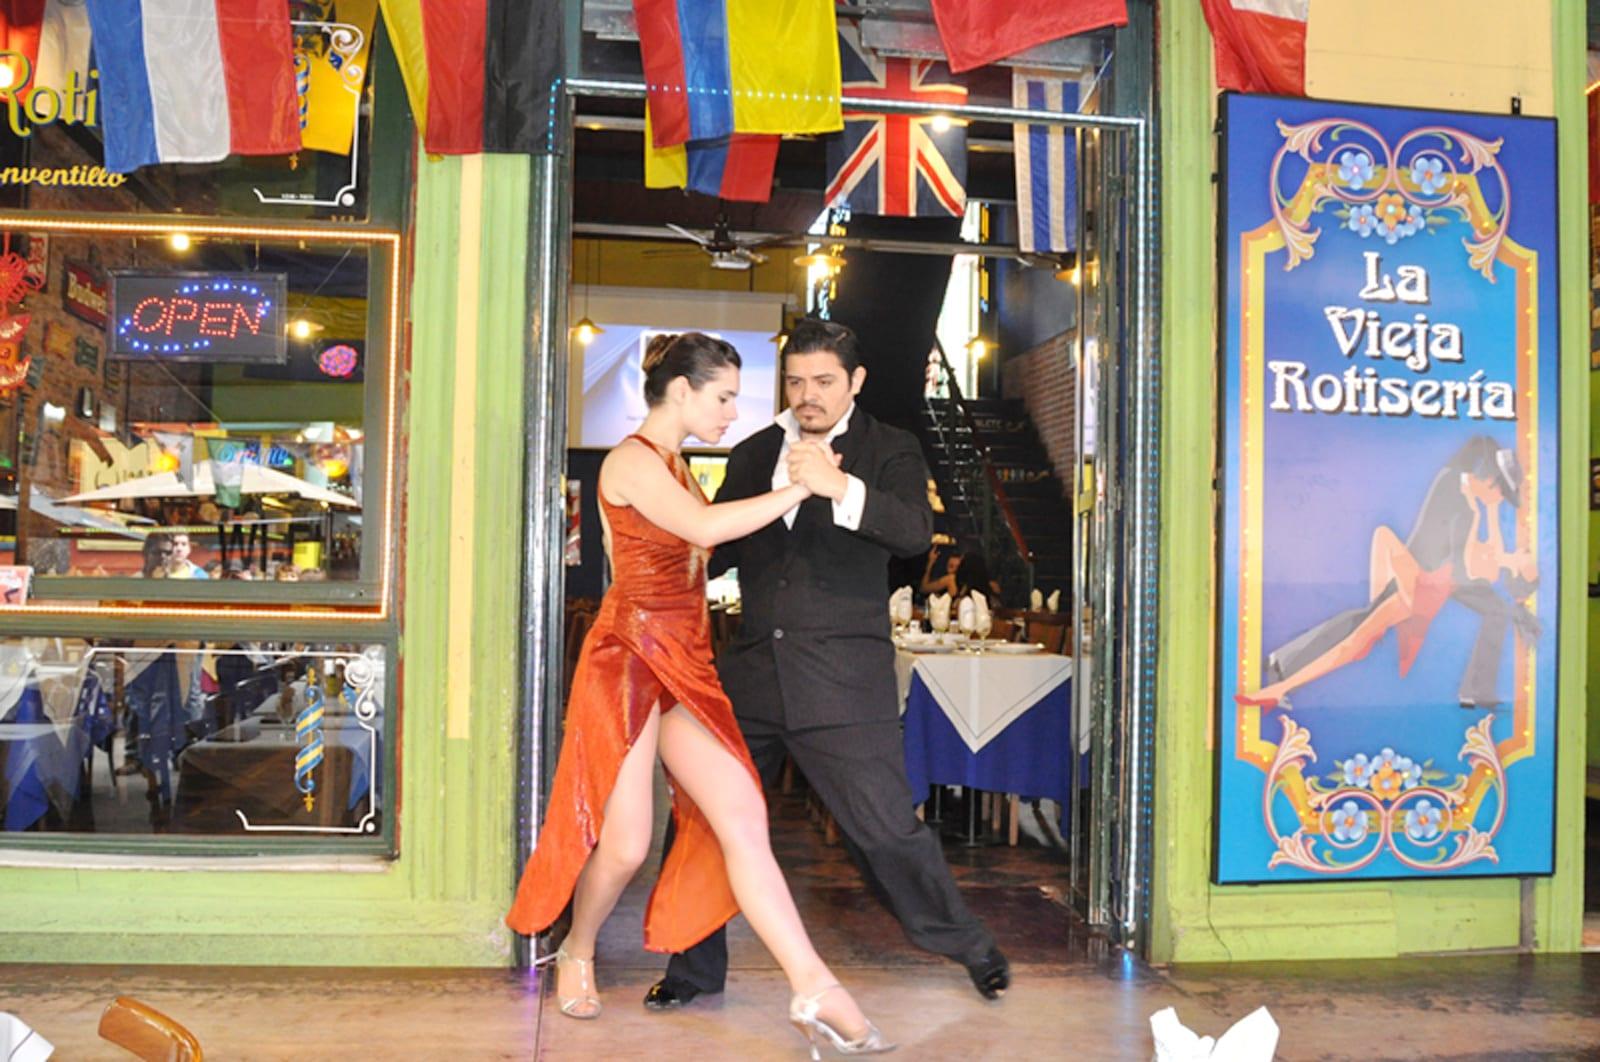 Vũ điệu Tango độc đáo ở Argentina - 4